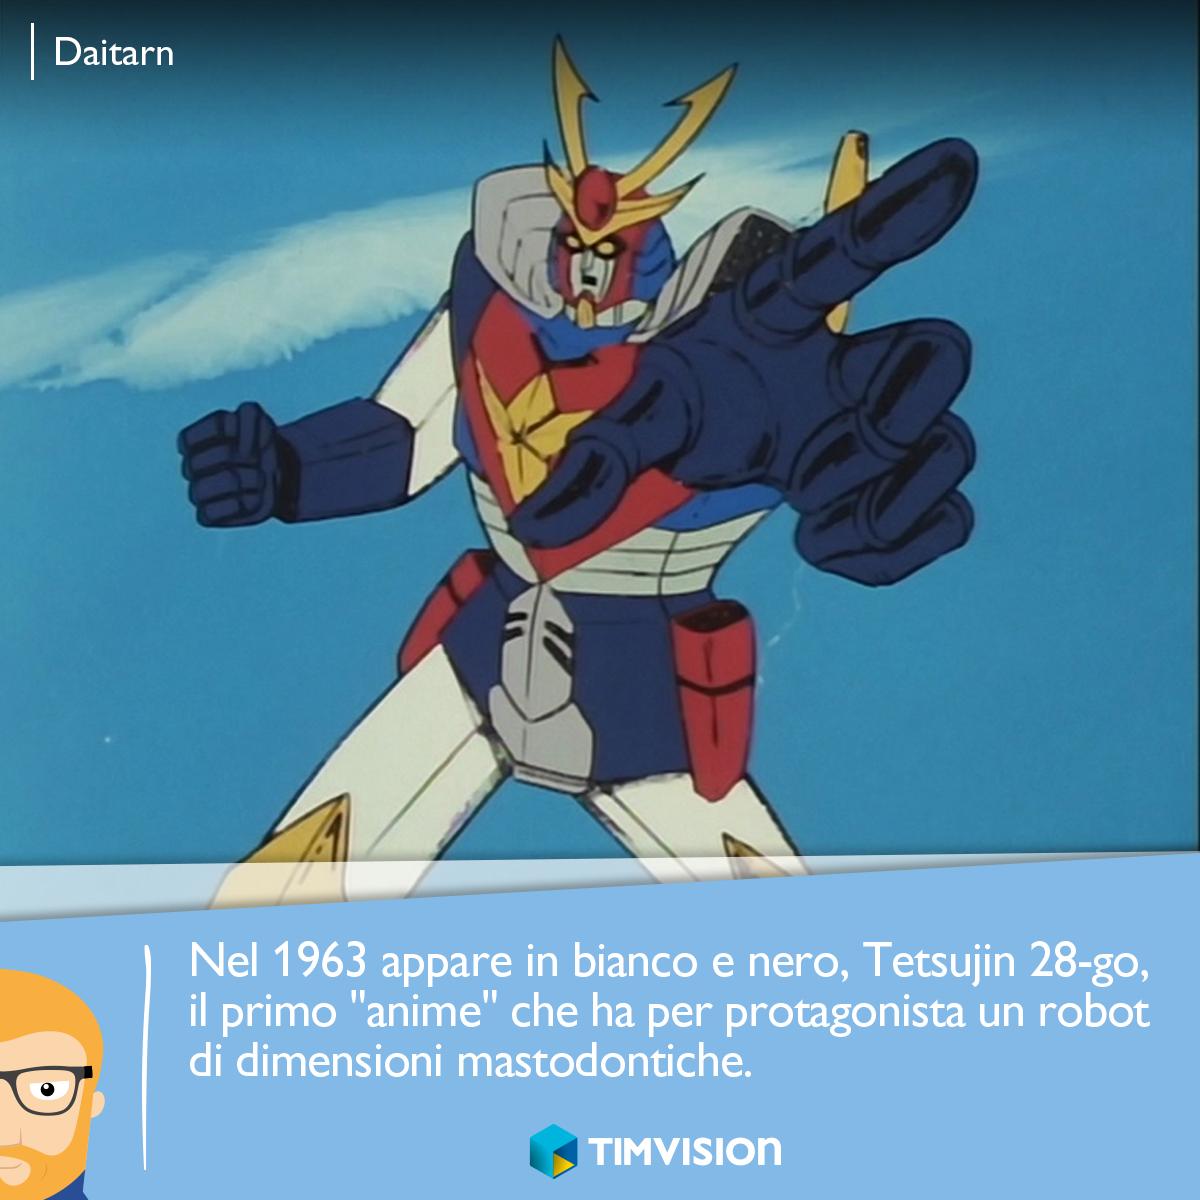 Il #nerd felice sa che su #TIMvision c'è #Daitarn e i #Digimon sono in arrivo!  http://tim.social/anime